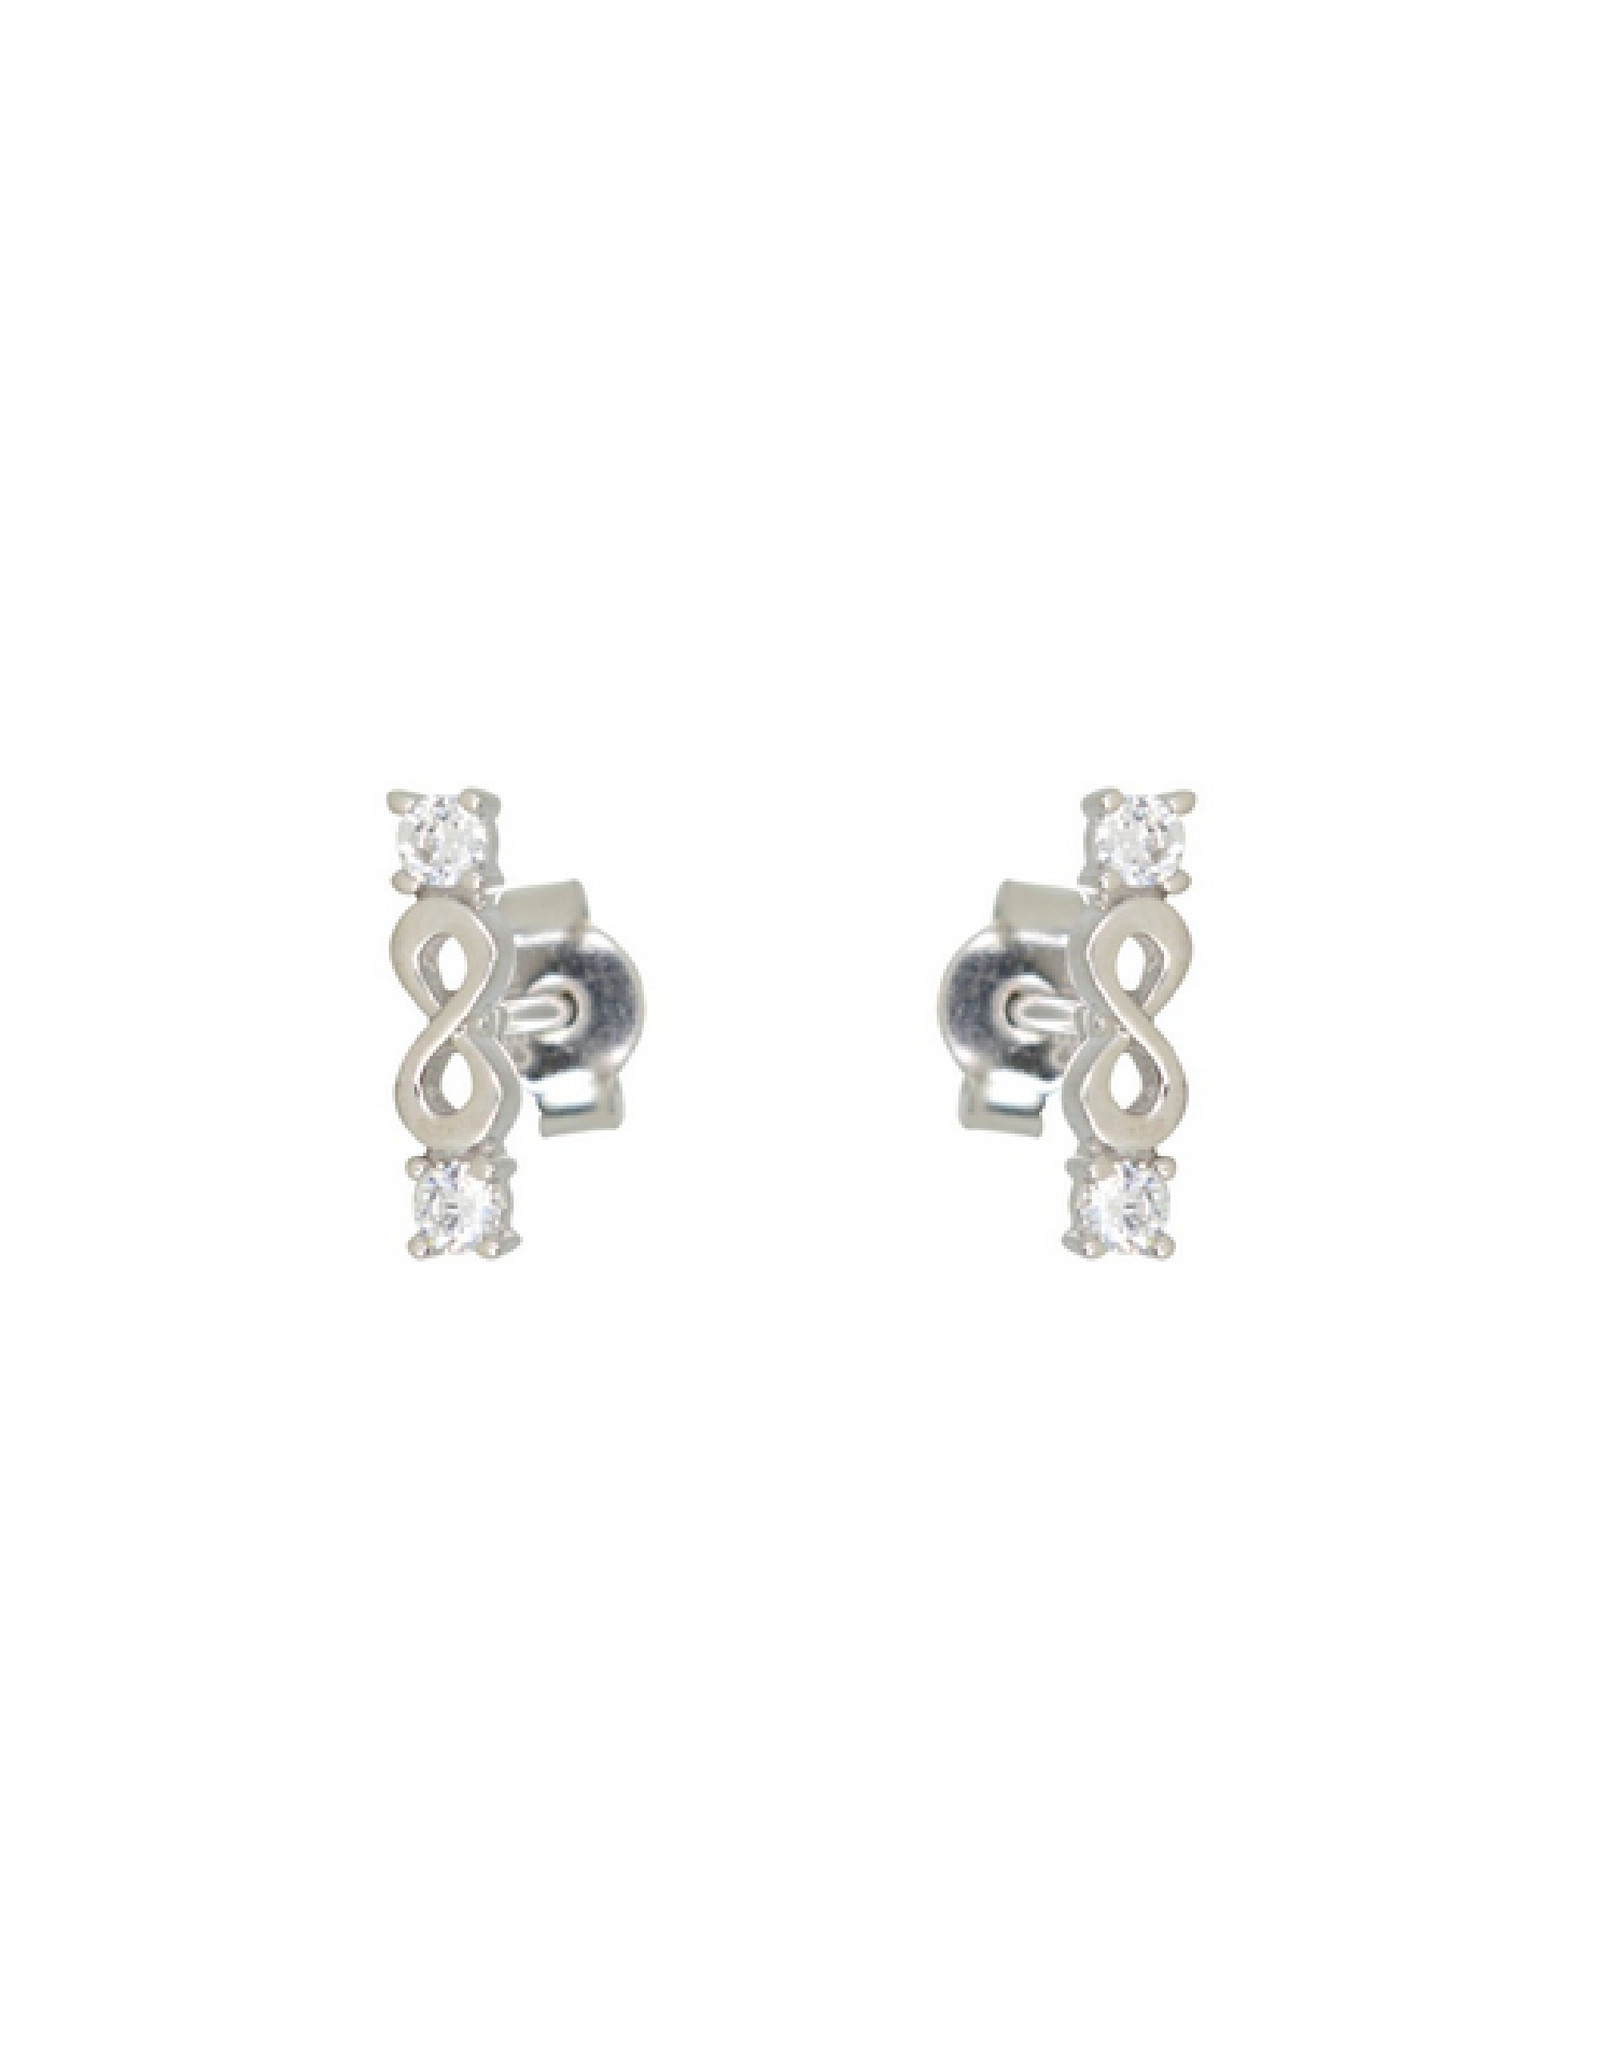 Boucles d'oreilles Infini Stud Or blanc 10K